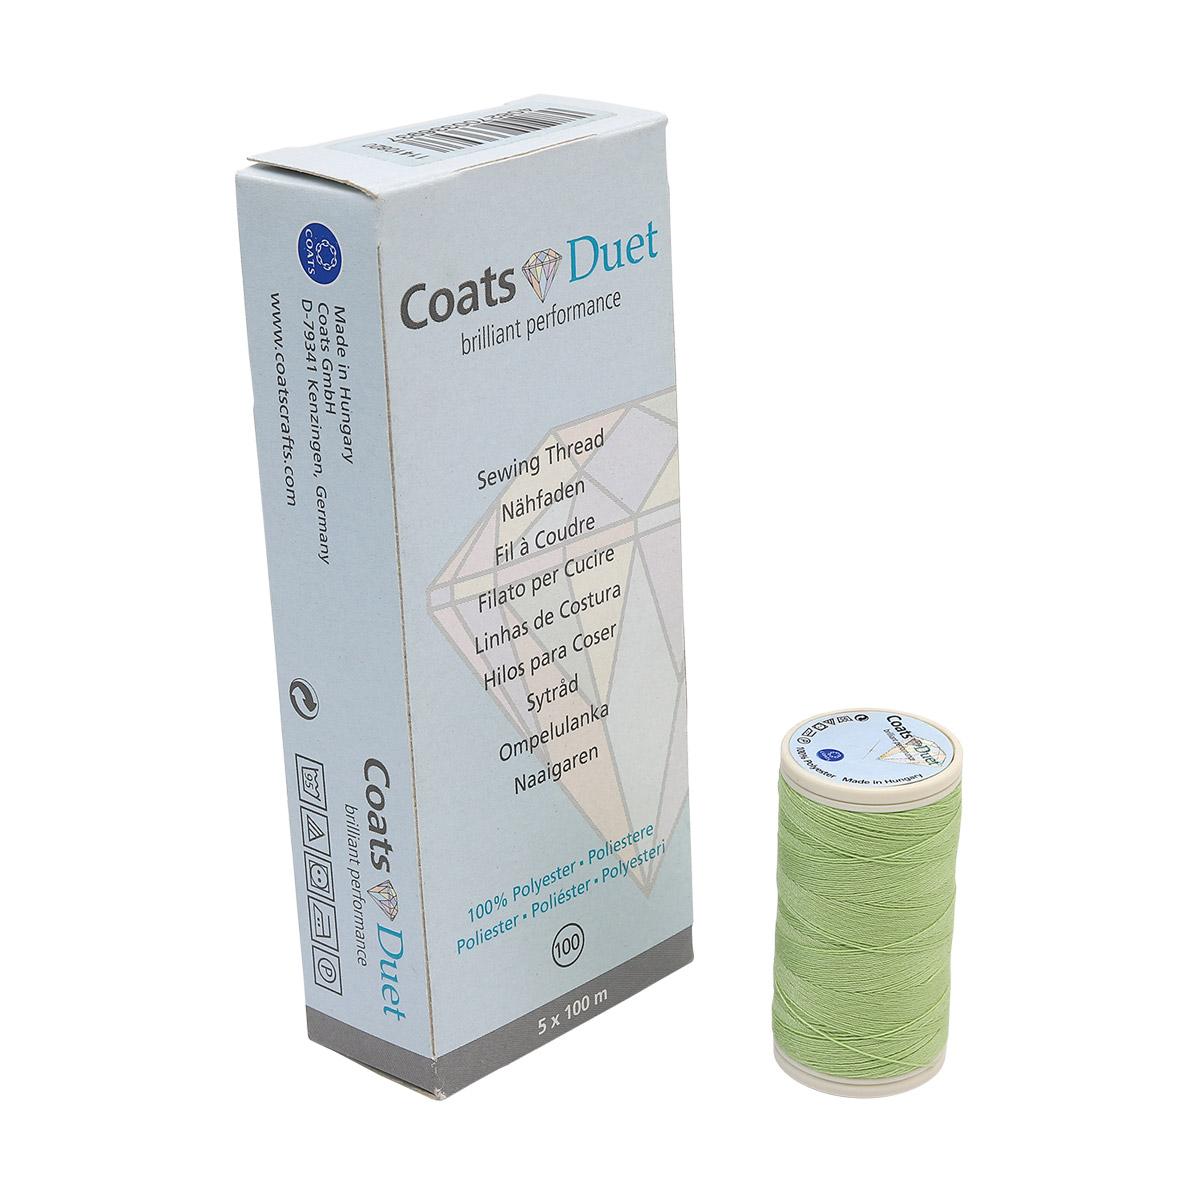 4645100-03583 Нитки швейные Coats Duet 100 м.